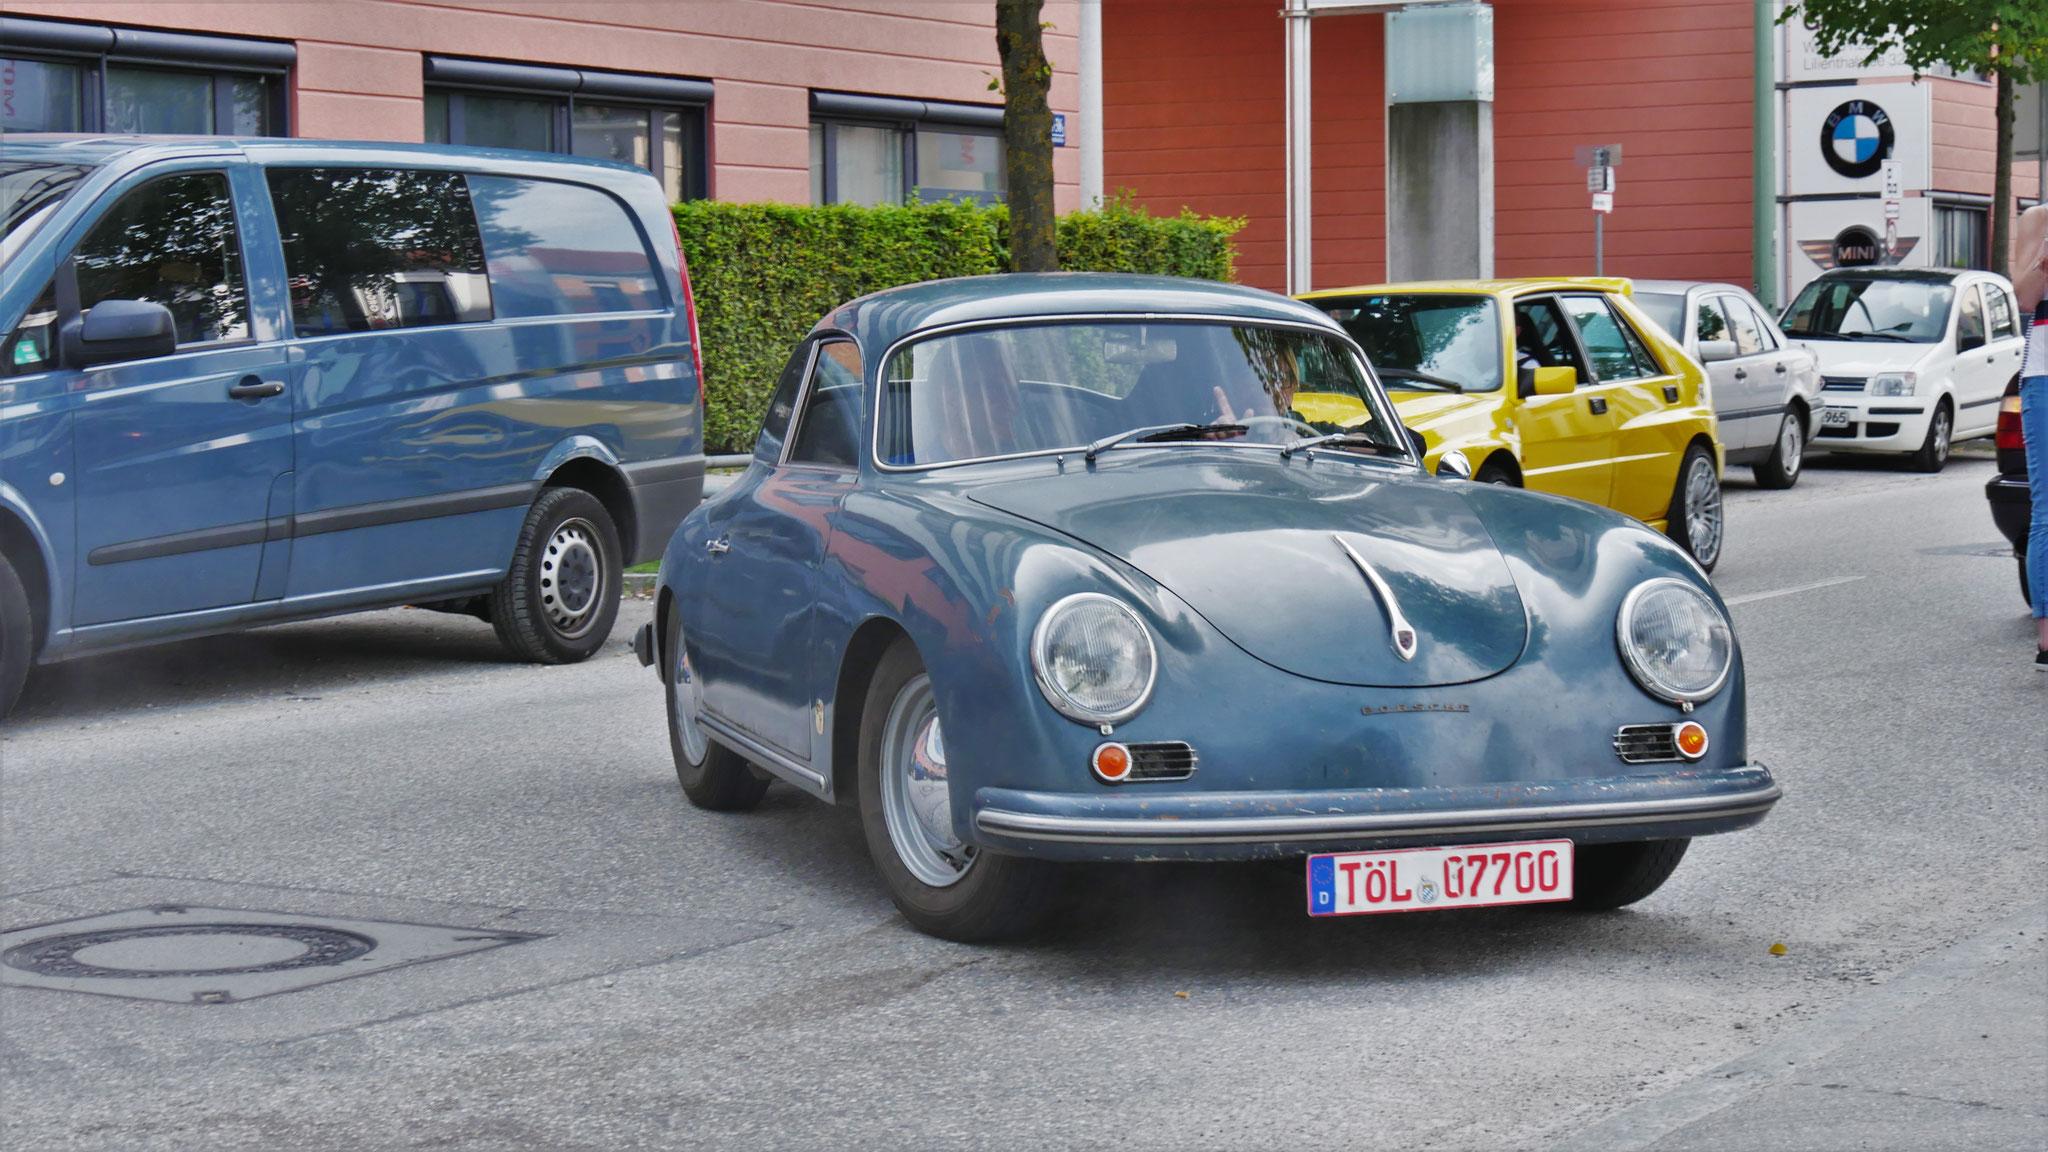 Porsche 356 1600SC - TÖL-07700